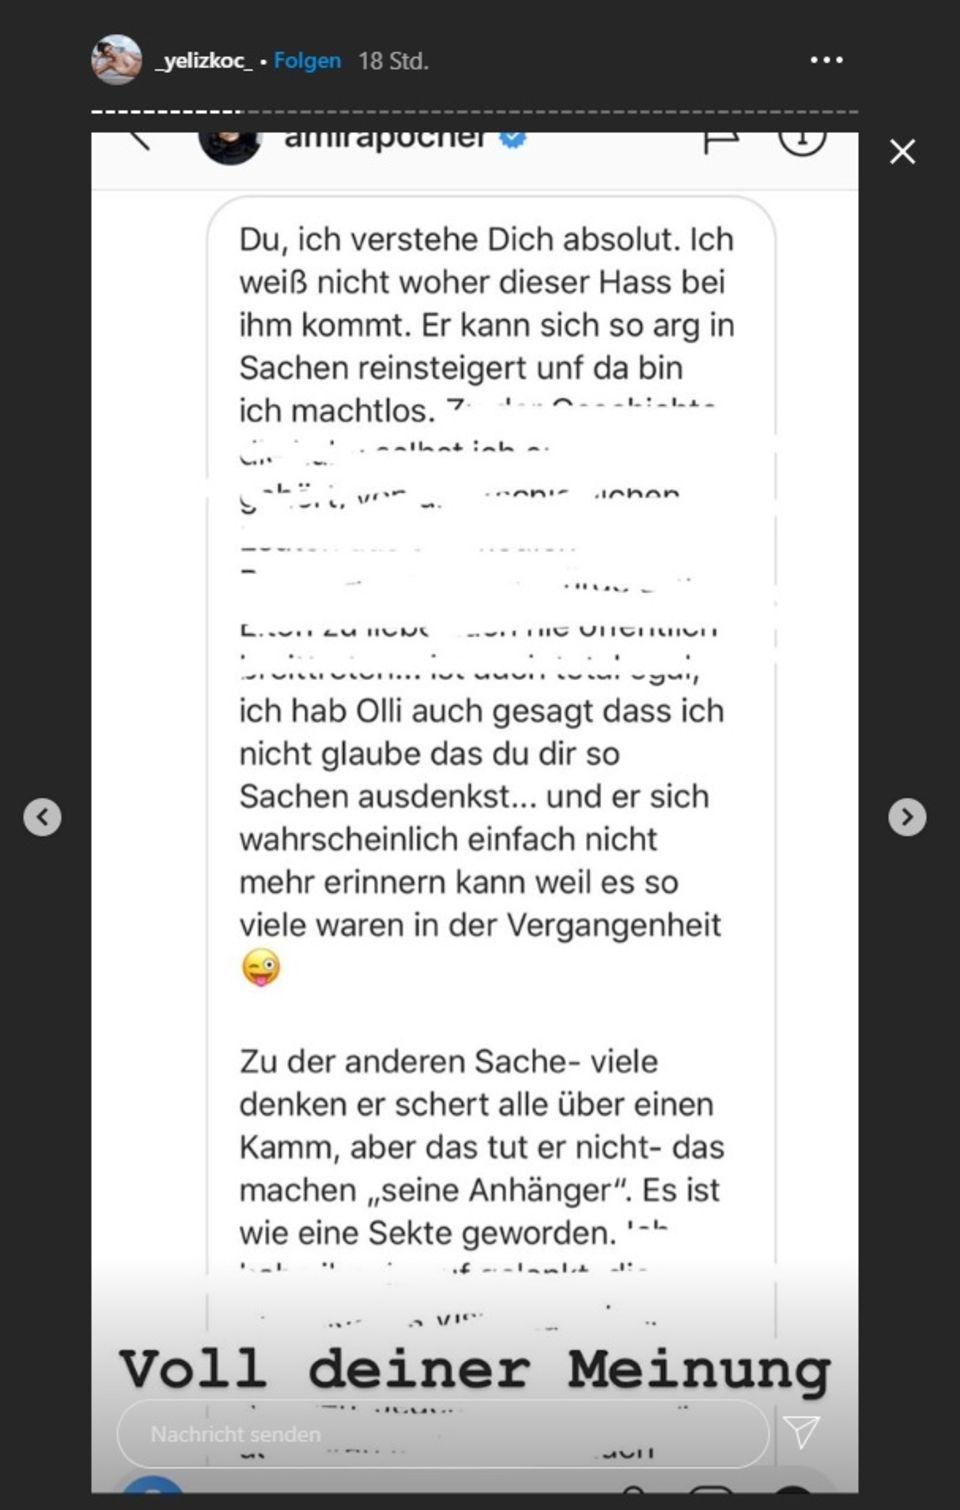 """Streit mit Yeliz Koc: """"Ich weiß nicht, woher der Hass kommt"""": Amira Pocher fällt ihrem Mann fies in den Rücken"""